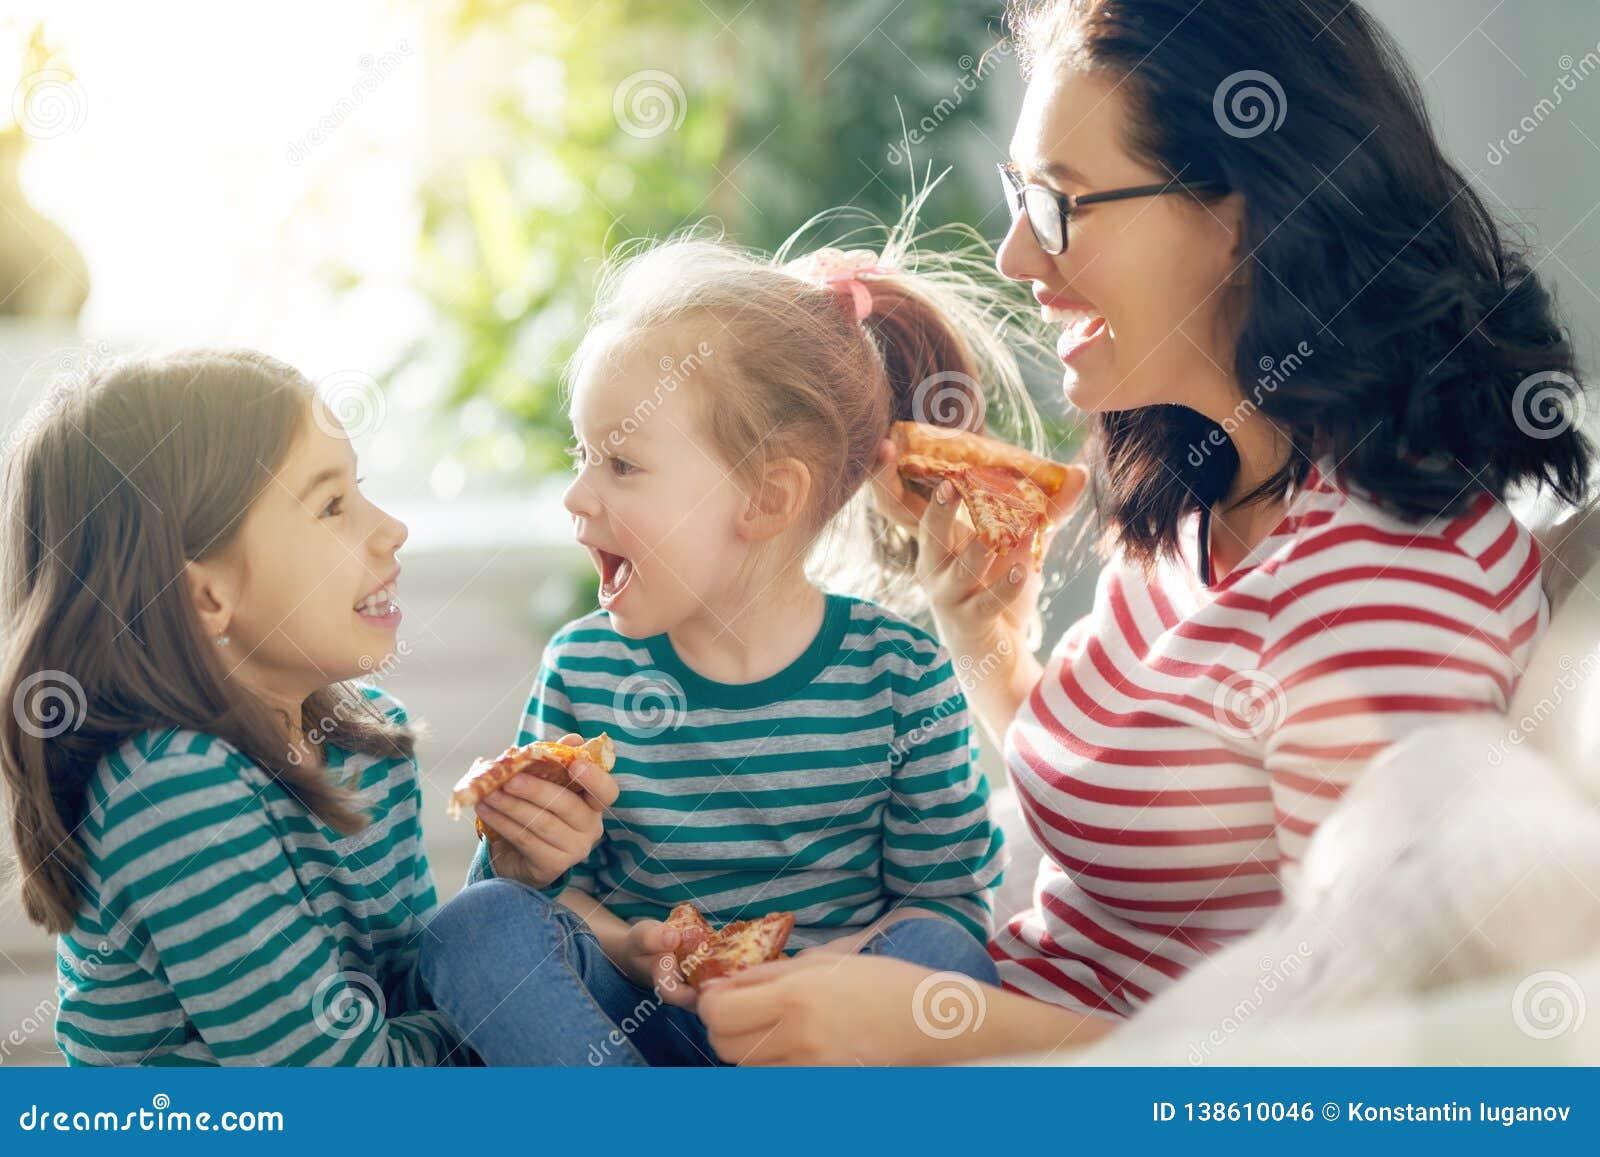 Mutter und Töchter, die Pizza essen